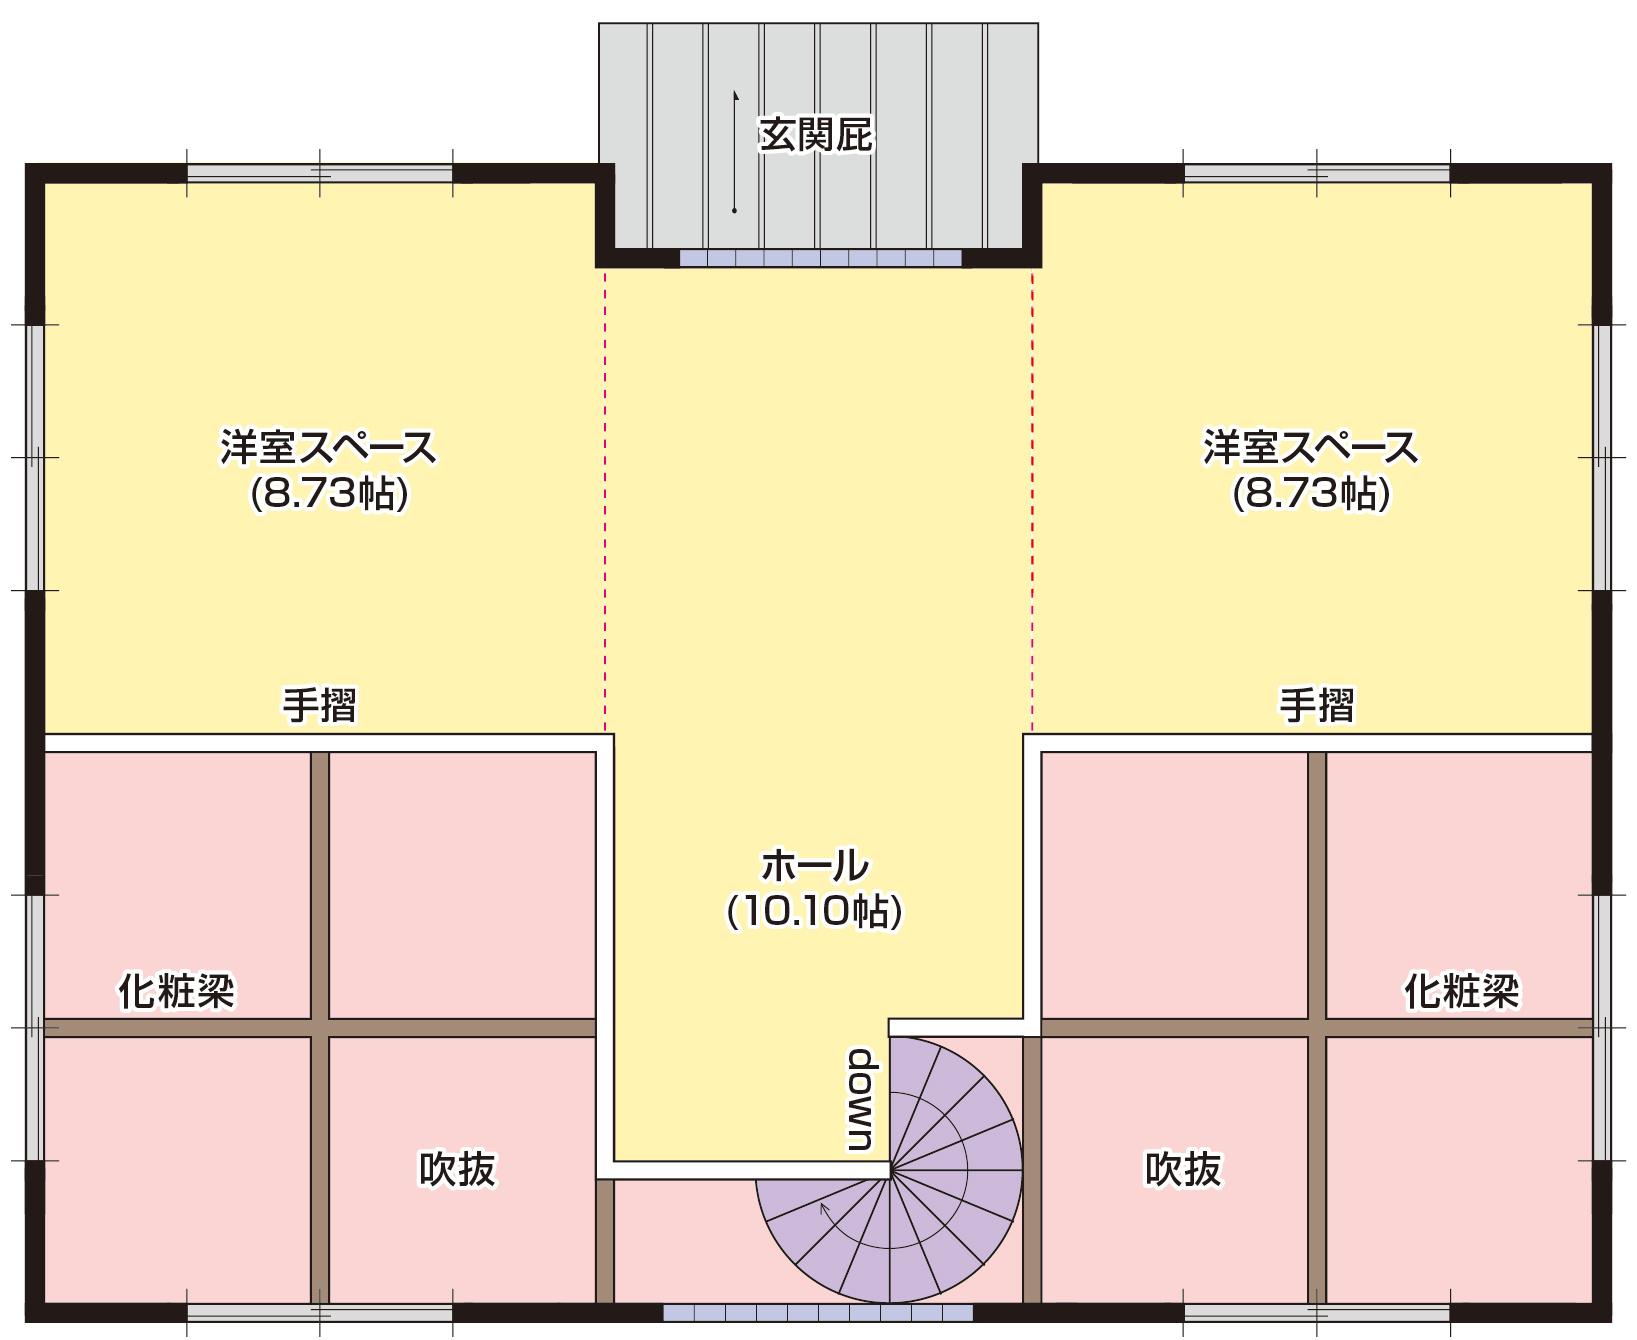 極み 室内平面図